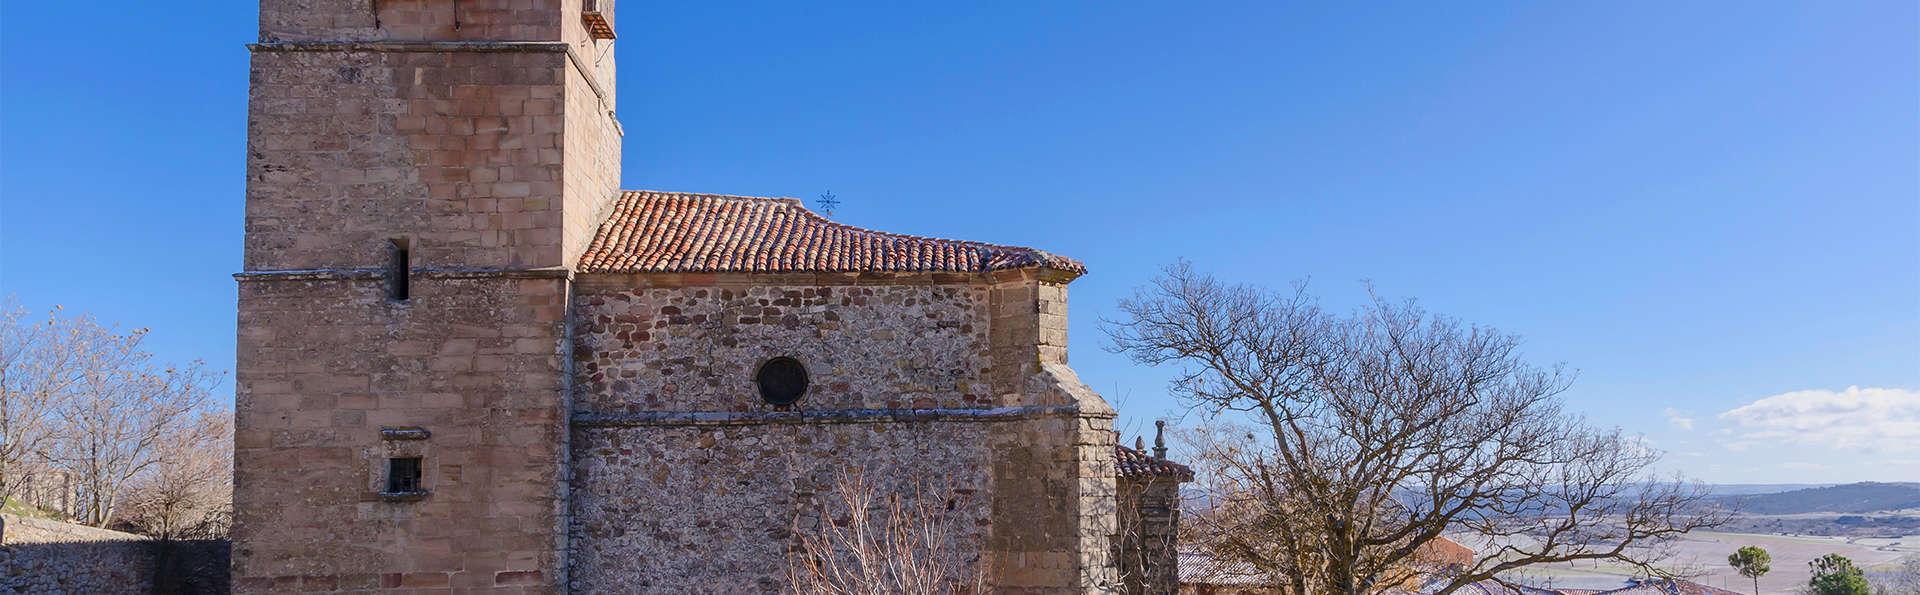 Alojamiento rural Molino del Batán - EDIT_Destination_Guadalajara1.jpg